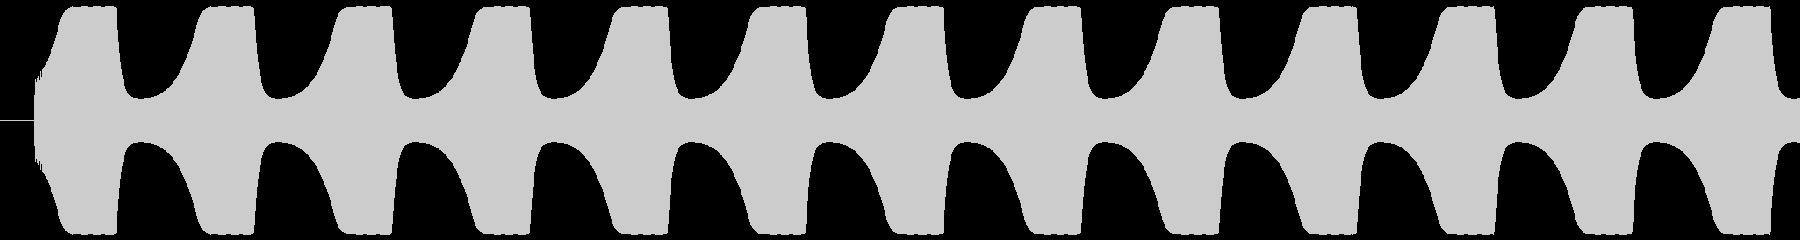 ゲームテキスト効果音A-7(高め 普通)の未再生の波形